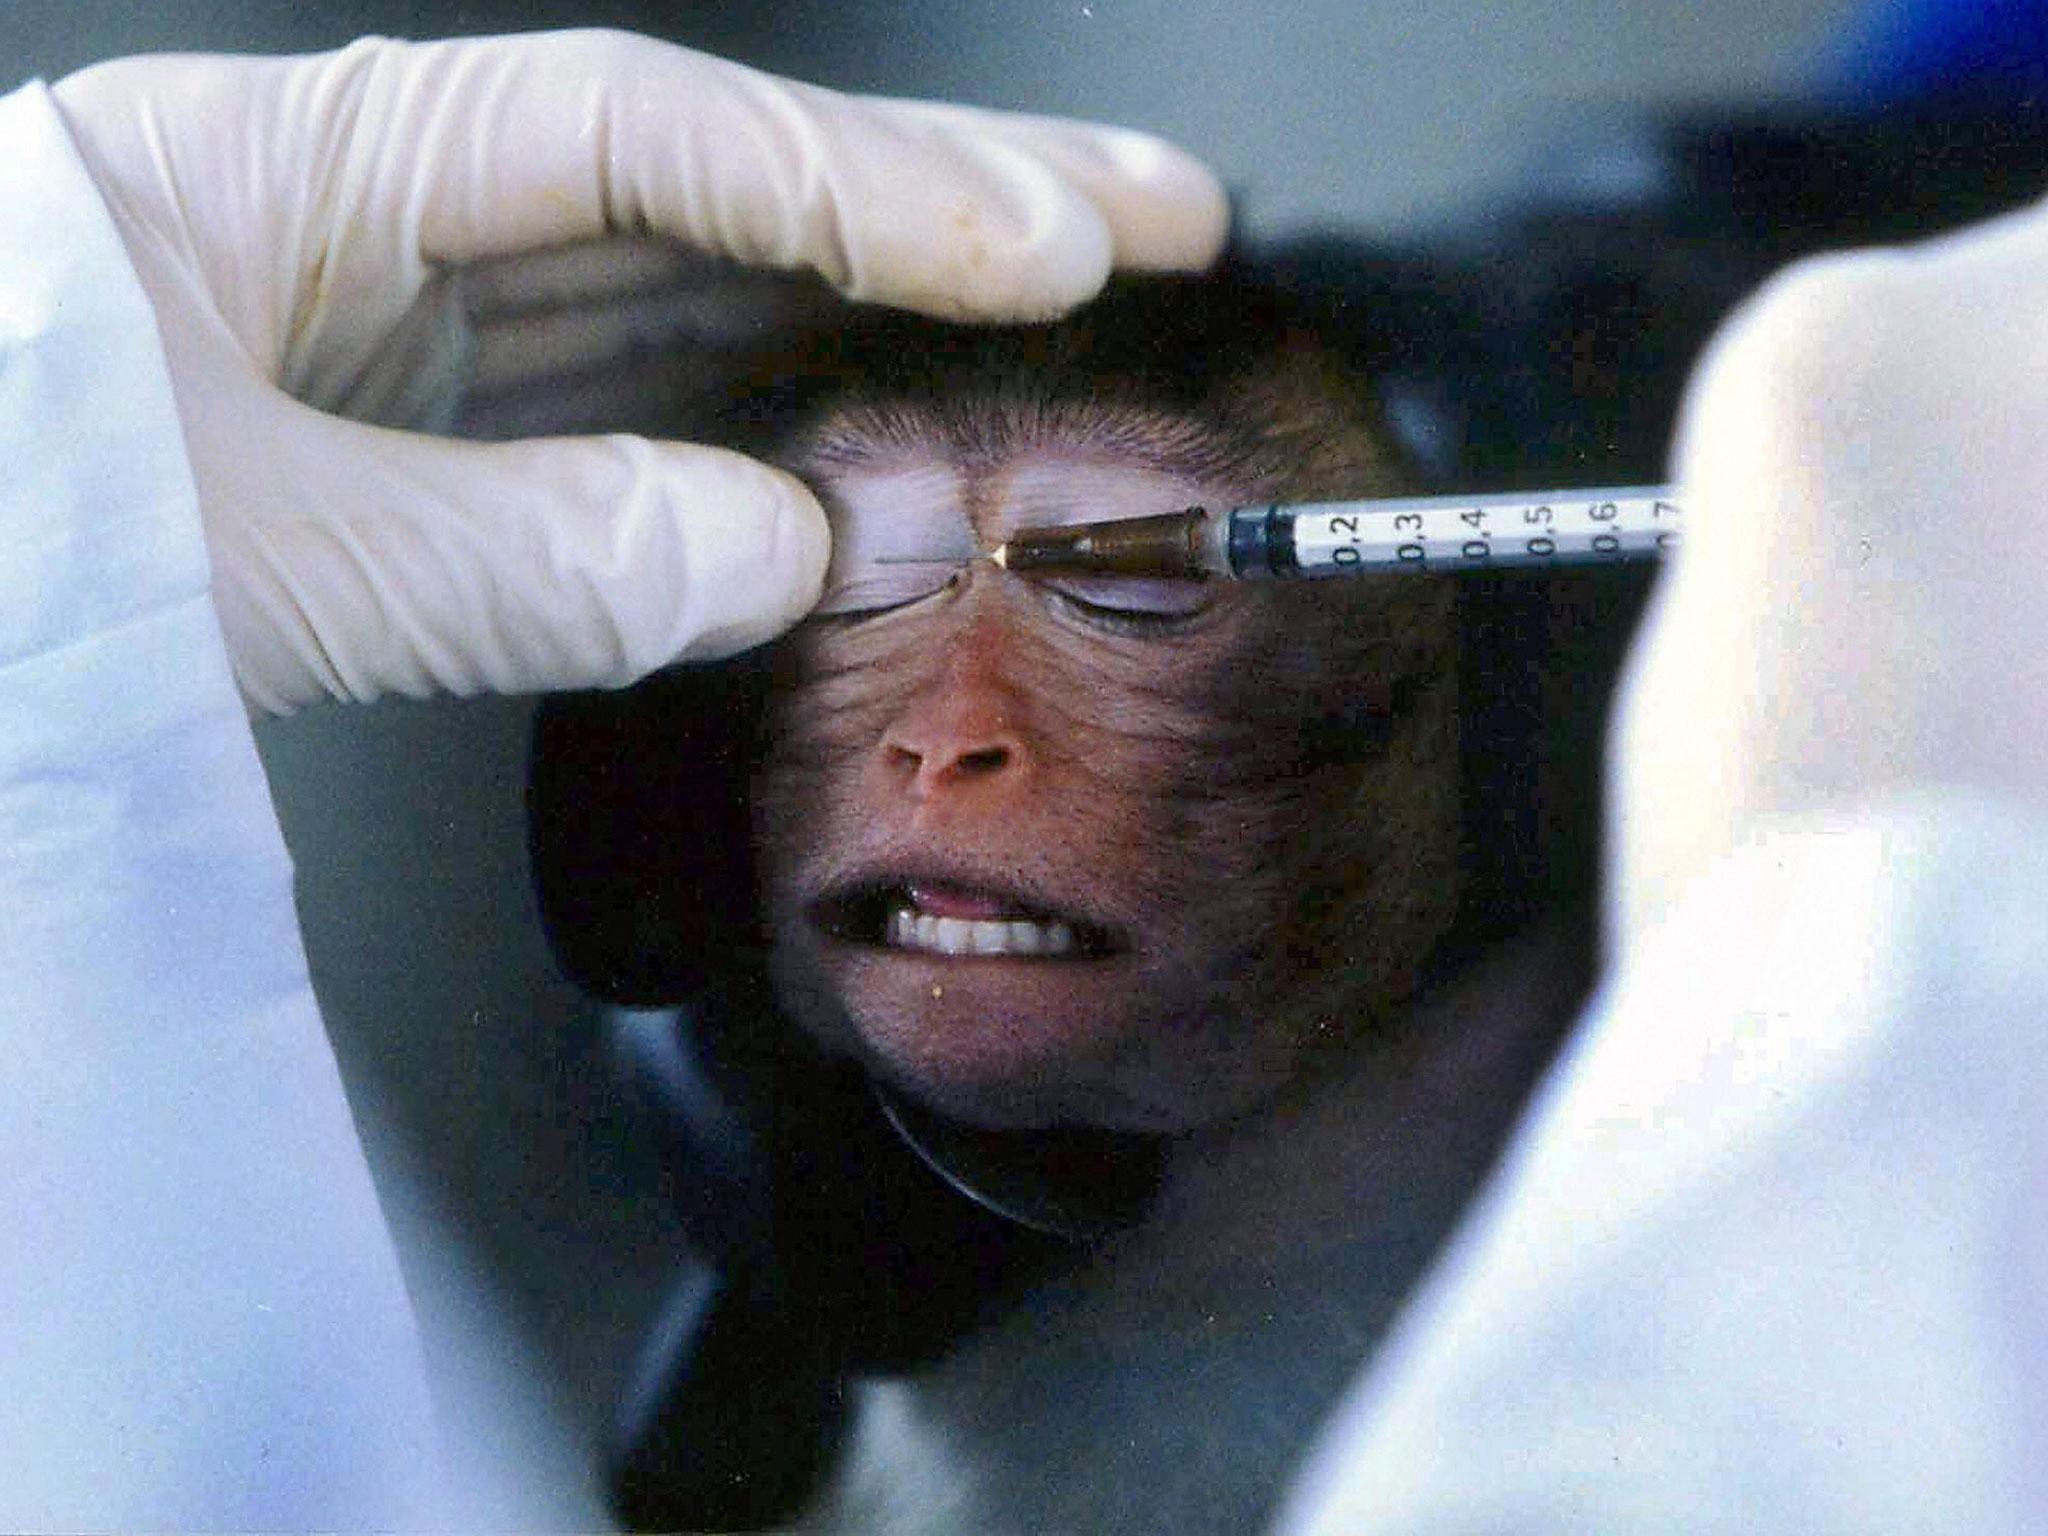 animal-testing-blogs